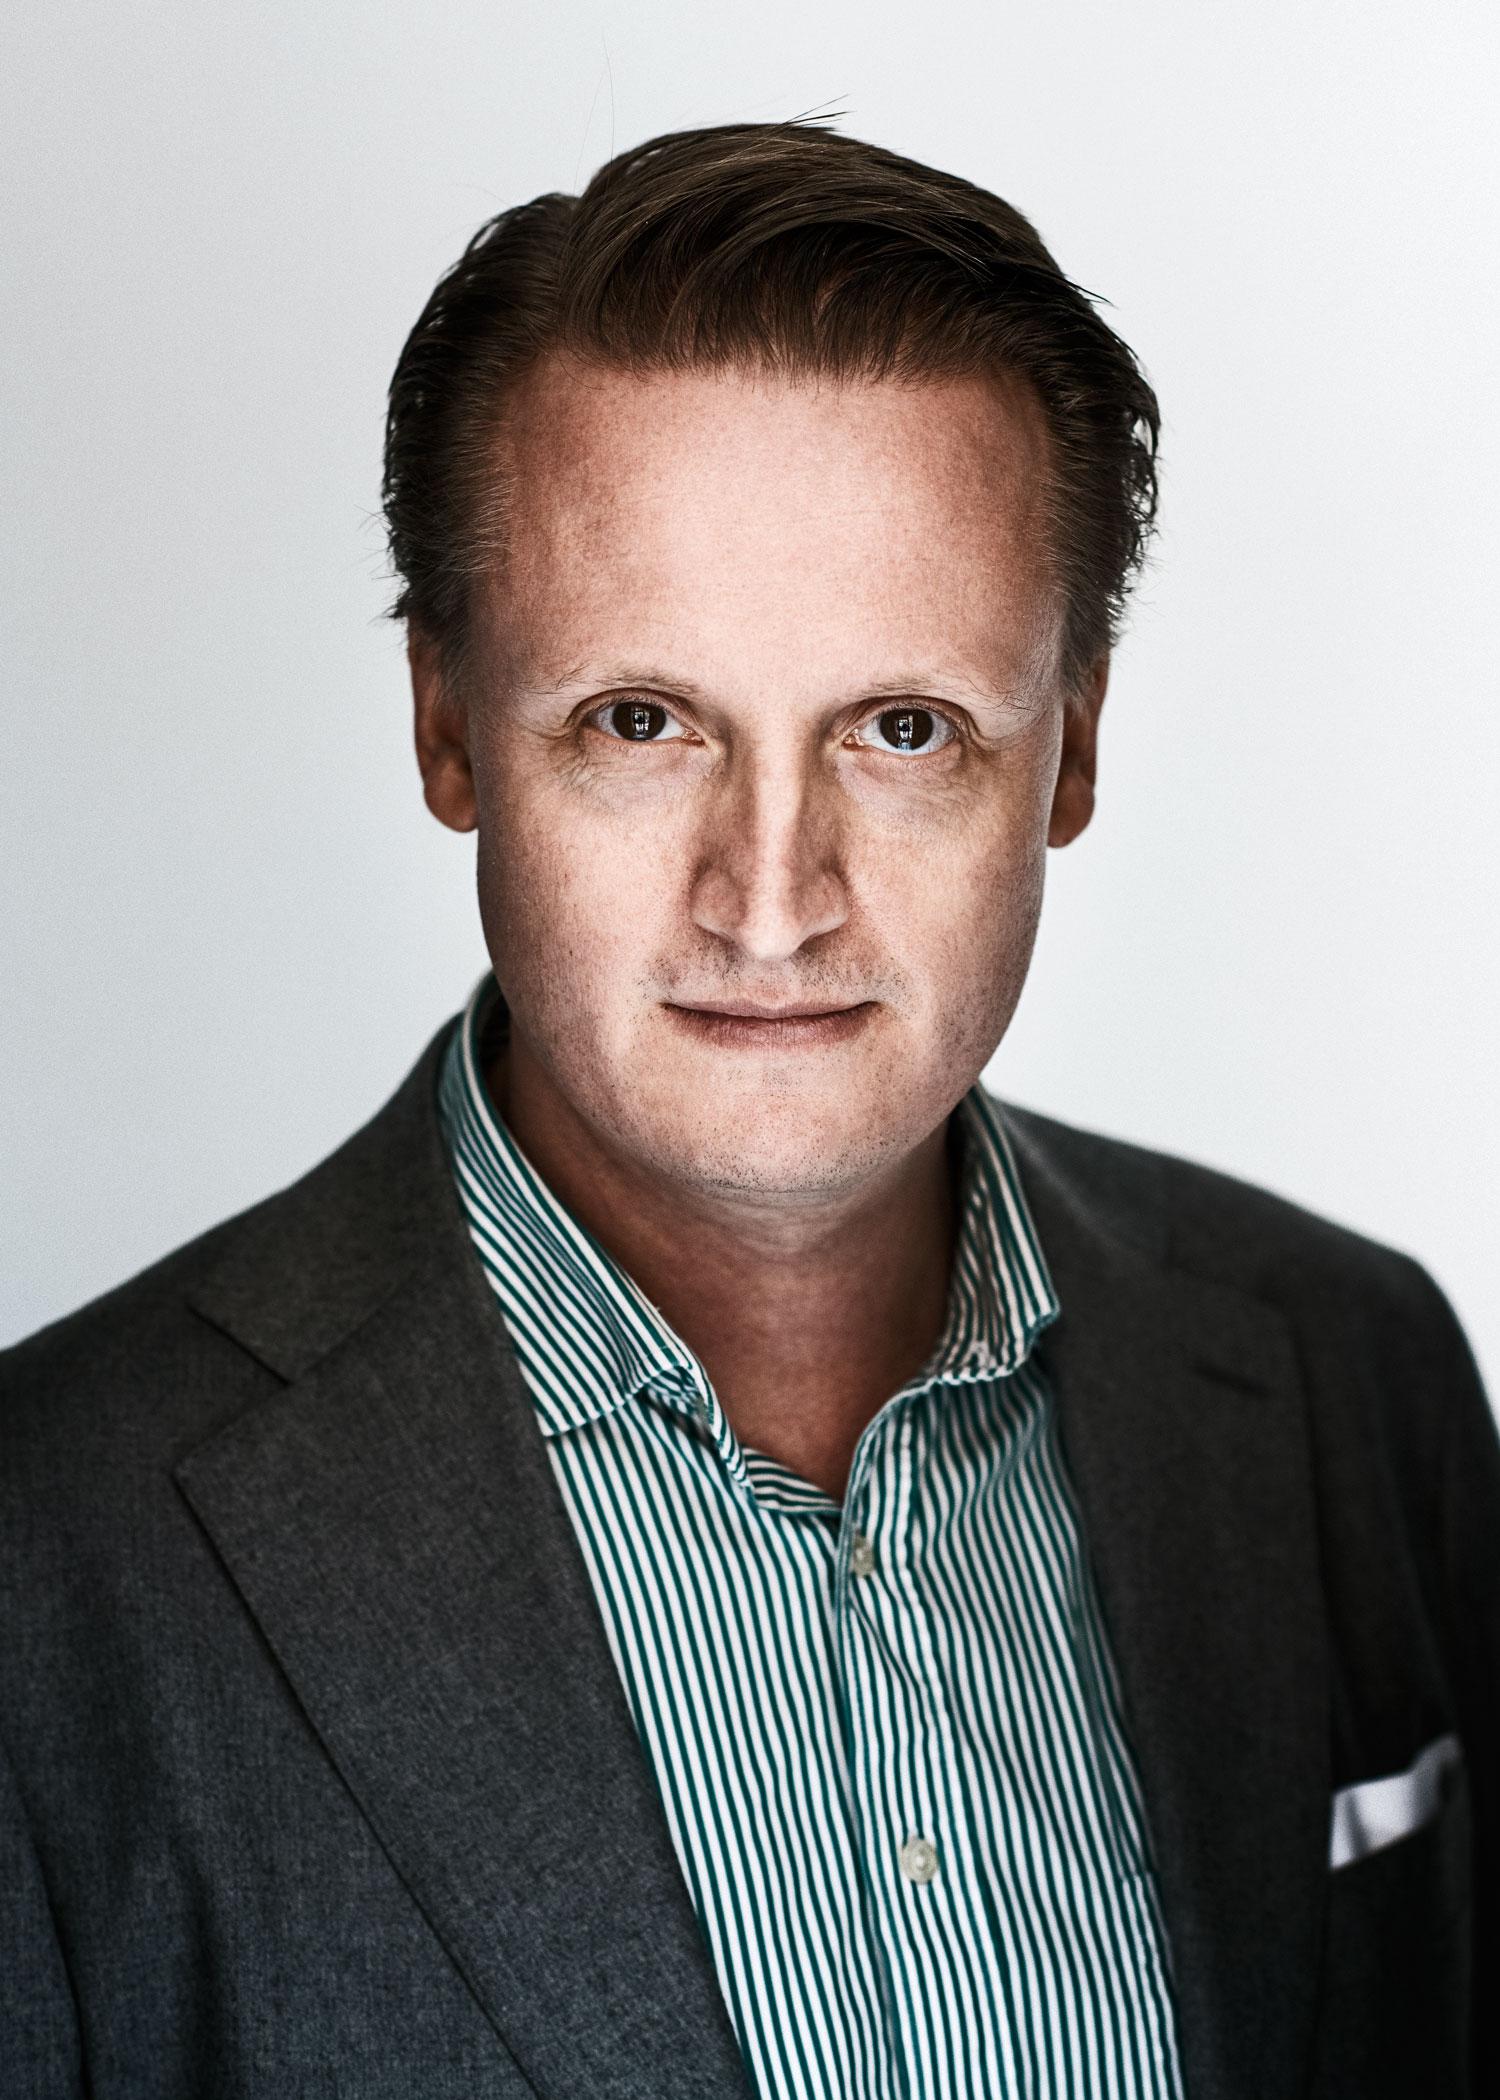 Fredric Örup är managing partner på digitalbyrån Stormfors,som aktivt väljer att röra sig mot molnet i alla lägen.